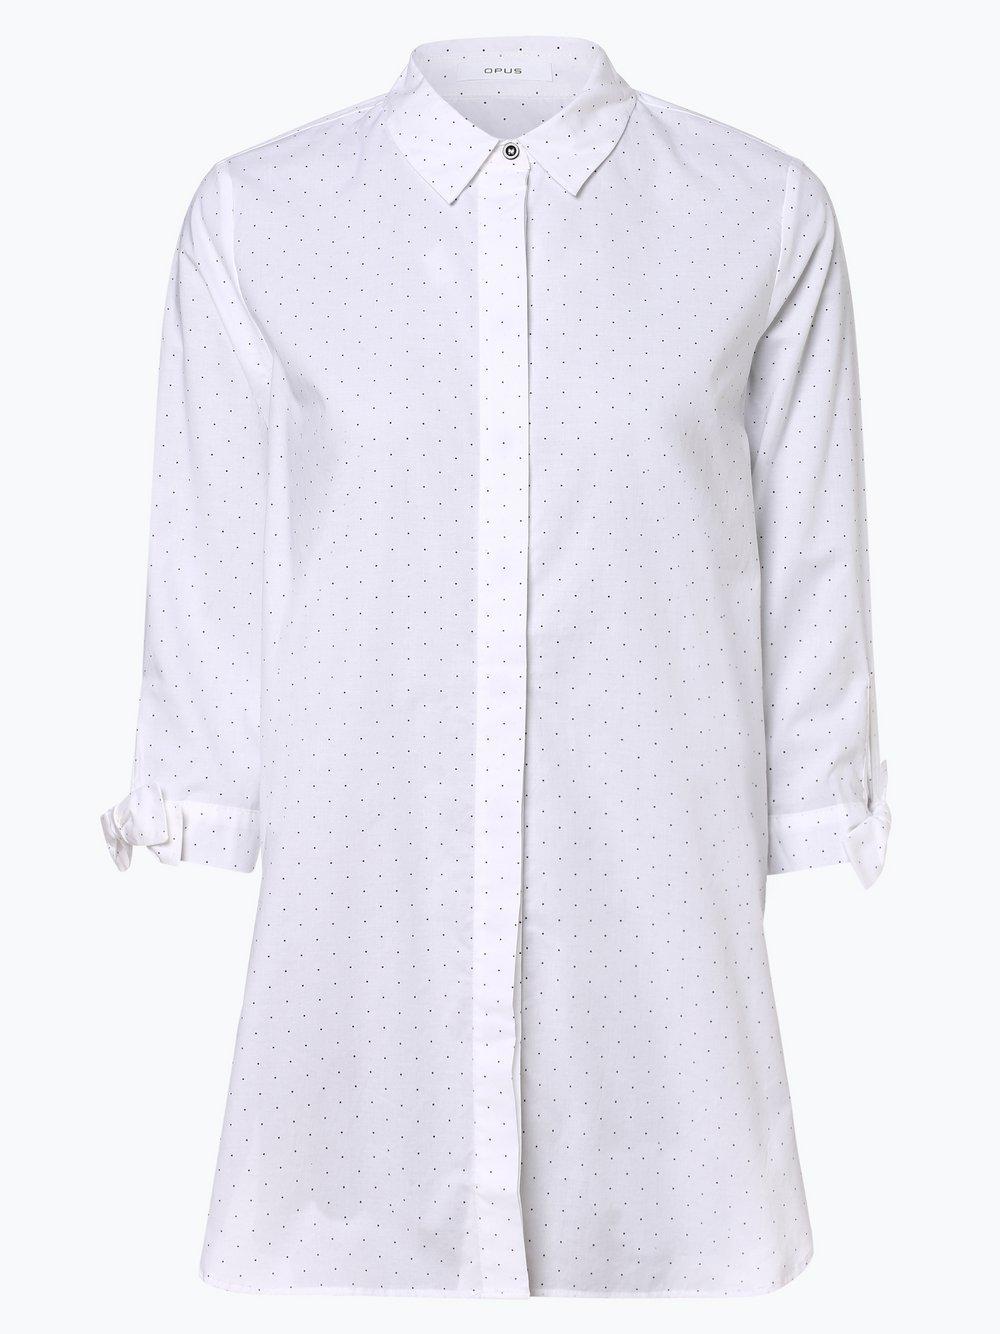 Opus - Bluzka damska – Fiani, biały